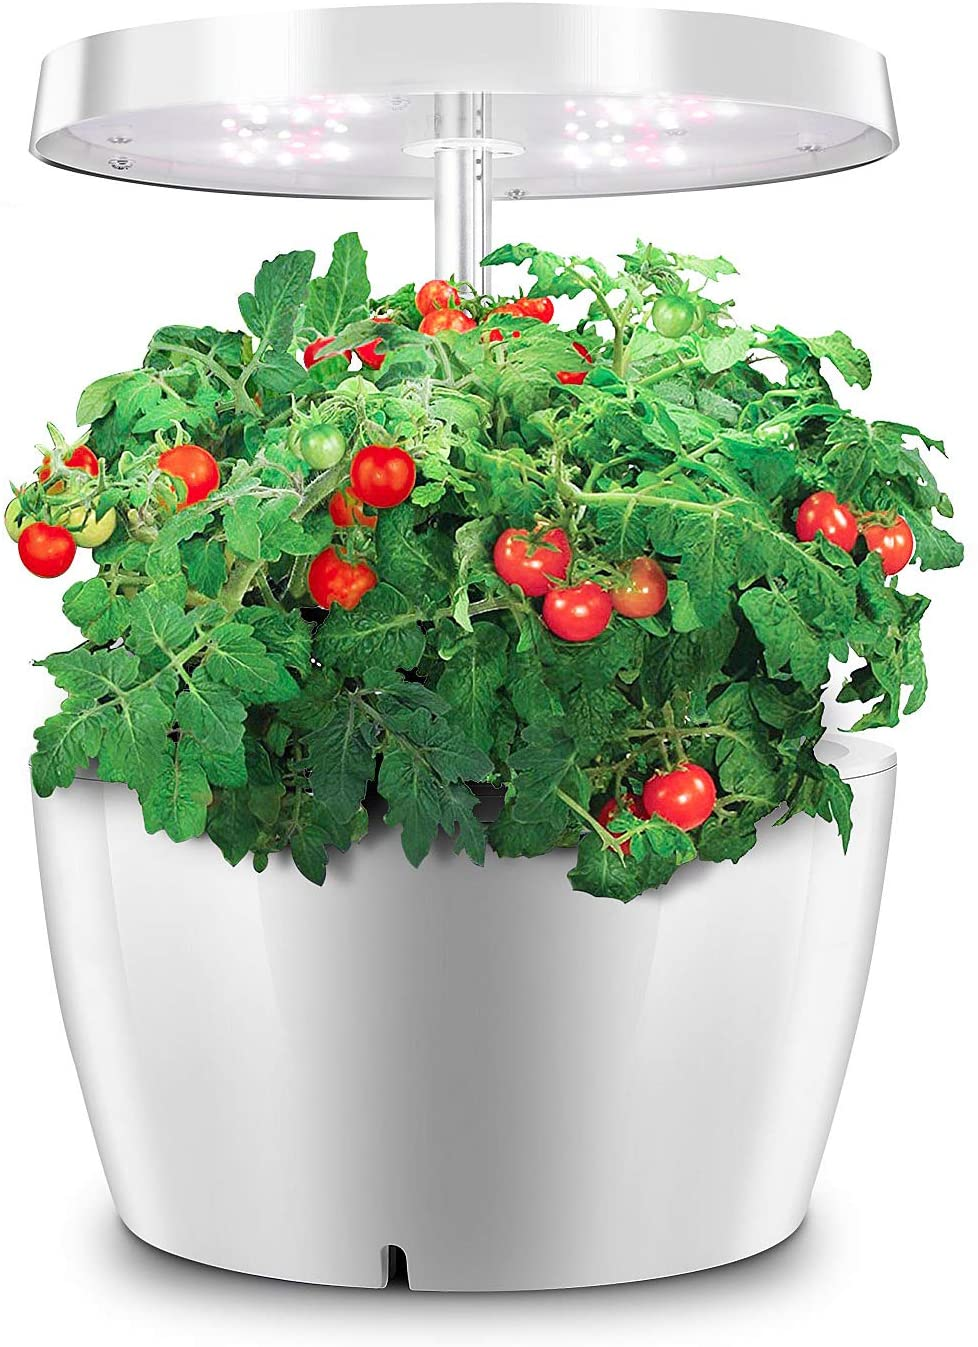 水耕栽培キットのおすすめ16選!ミニトマトが作れるペットボトル型も